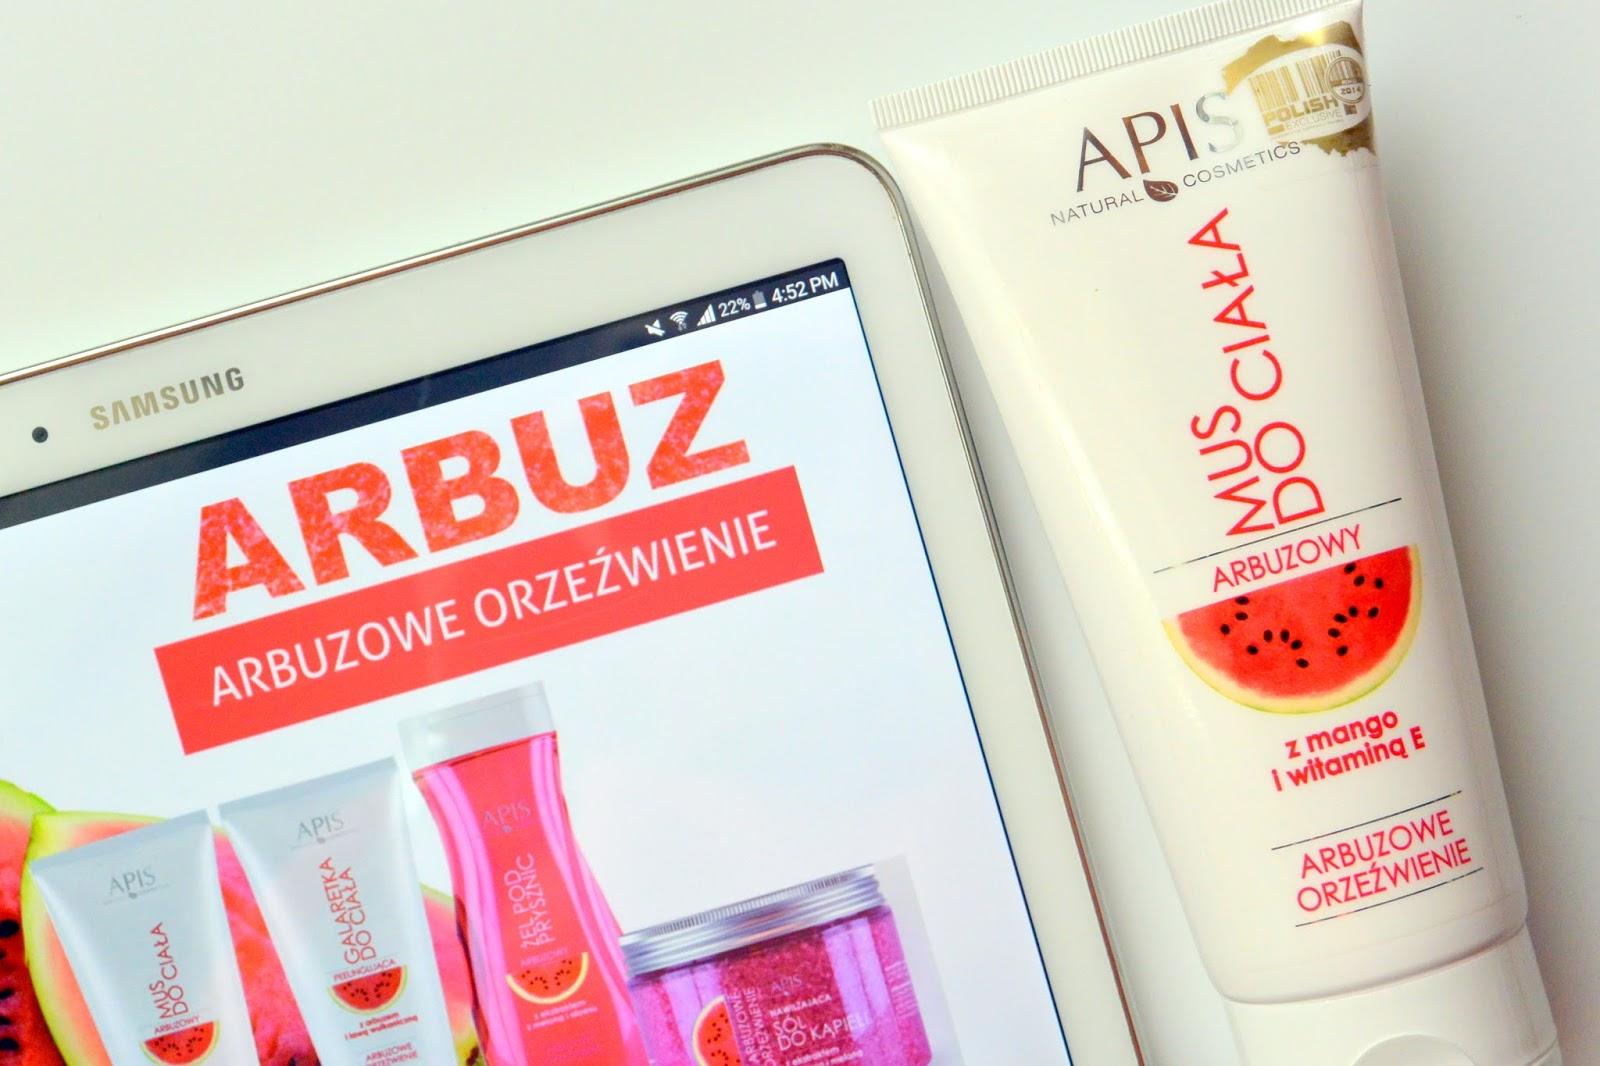 Wiosenne arbuzowe orzeźwienie z musem APIS Natural Cosmetics